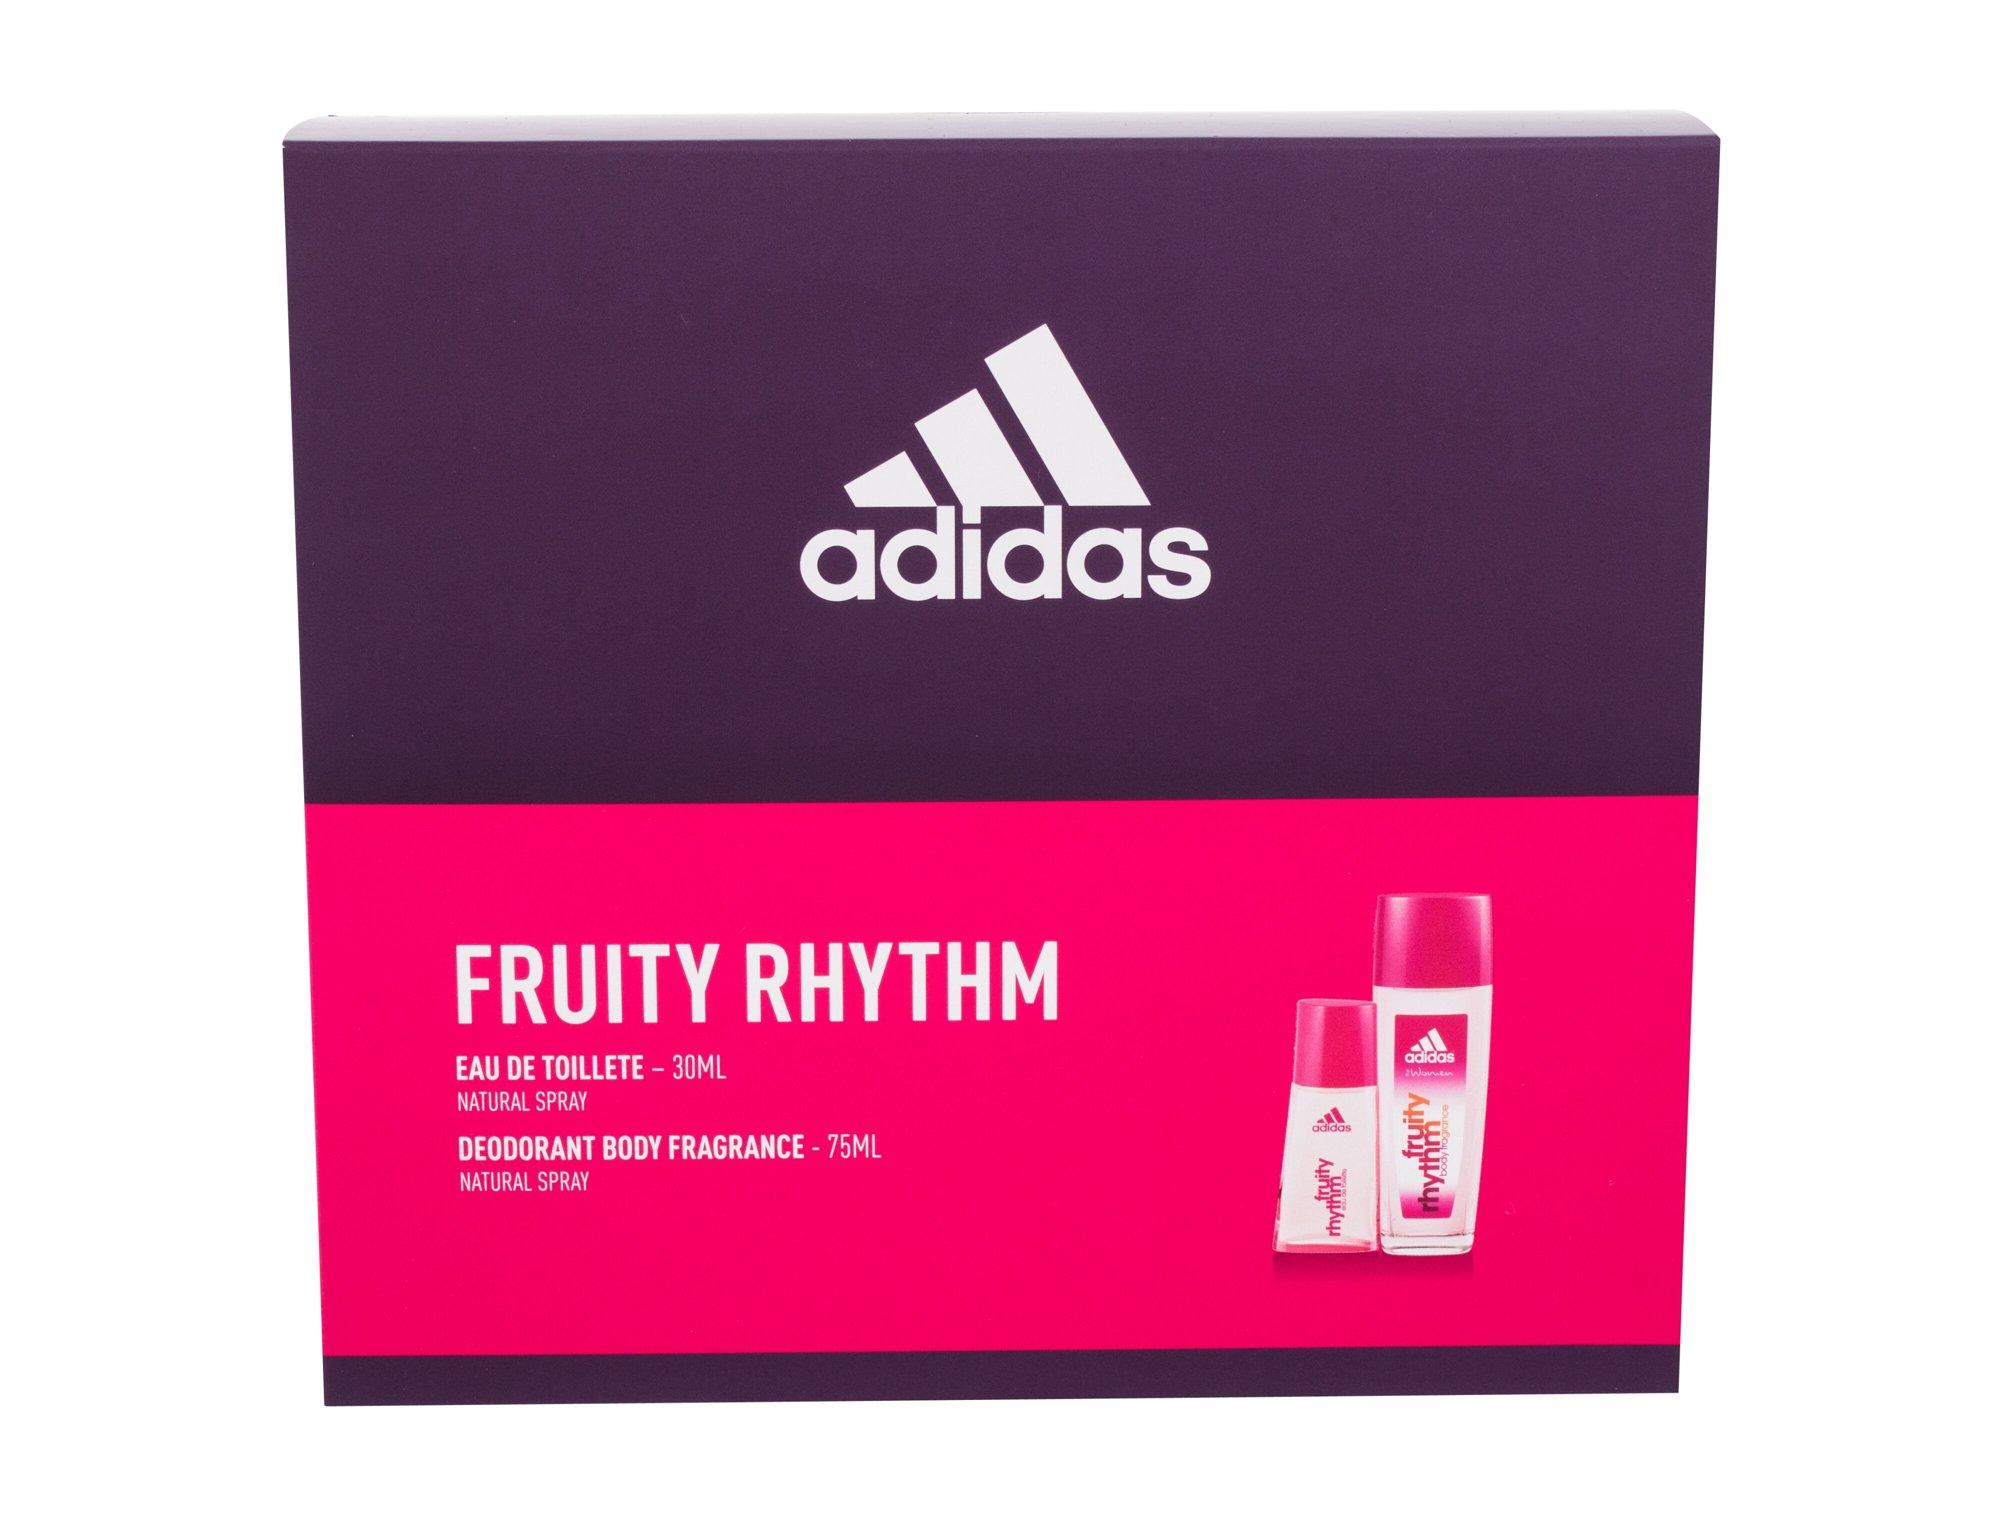 Adidas Fruity Rhythm For Women